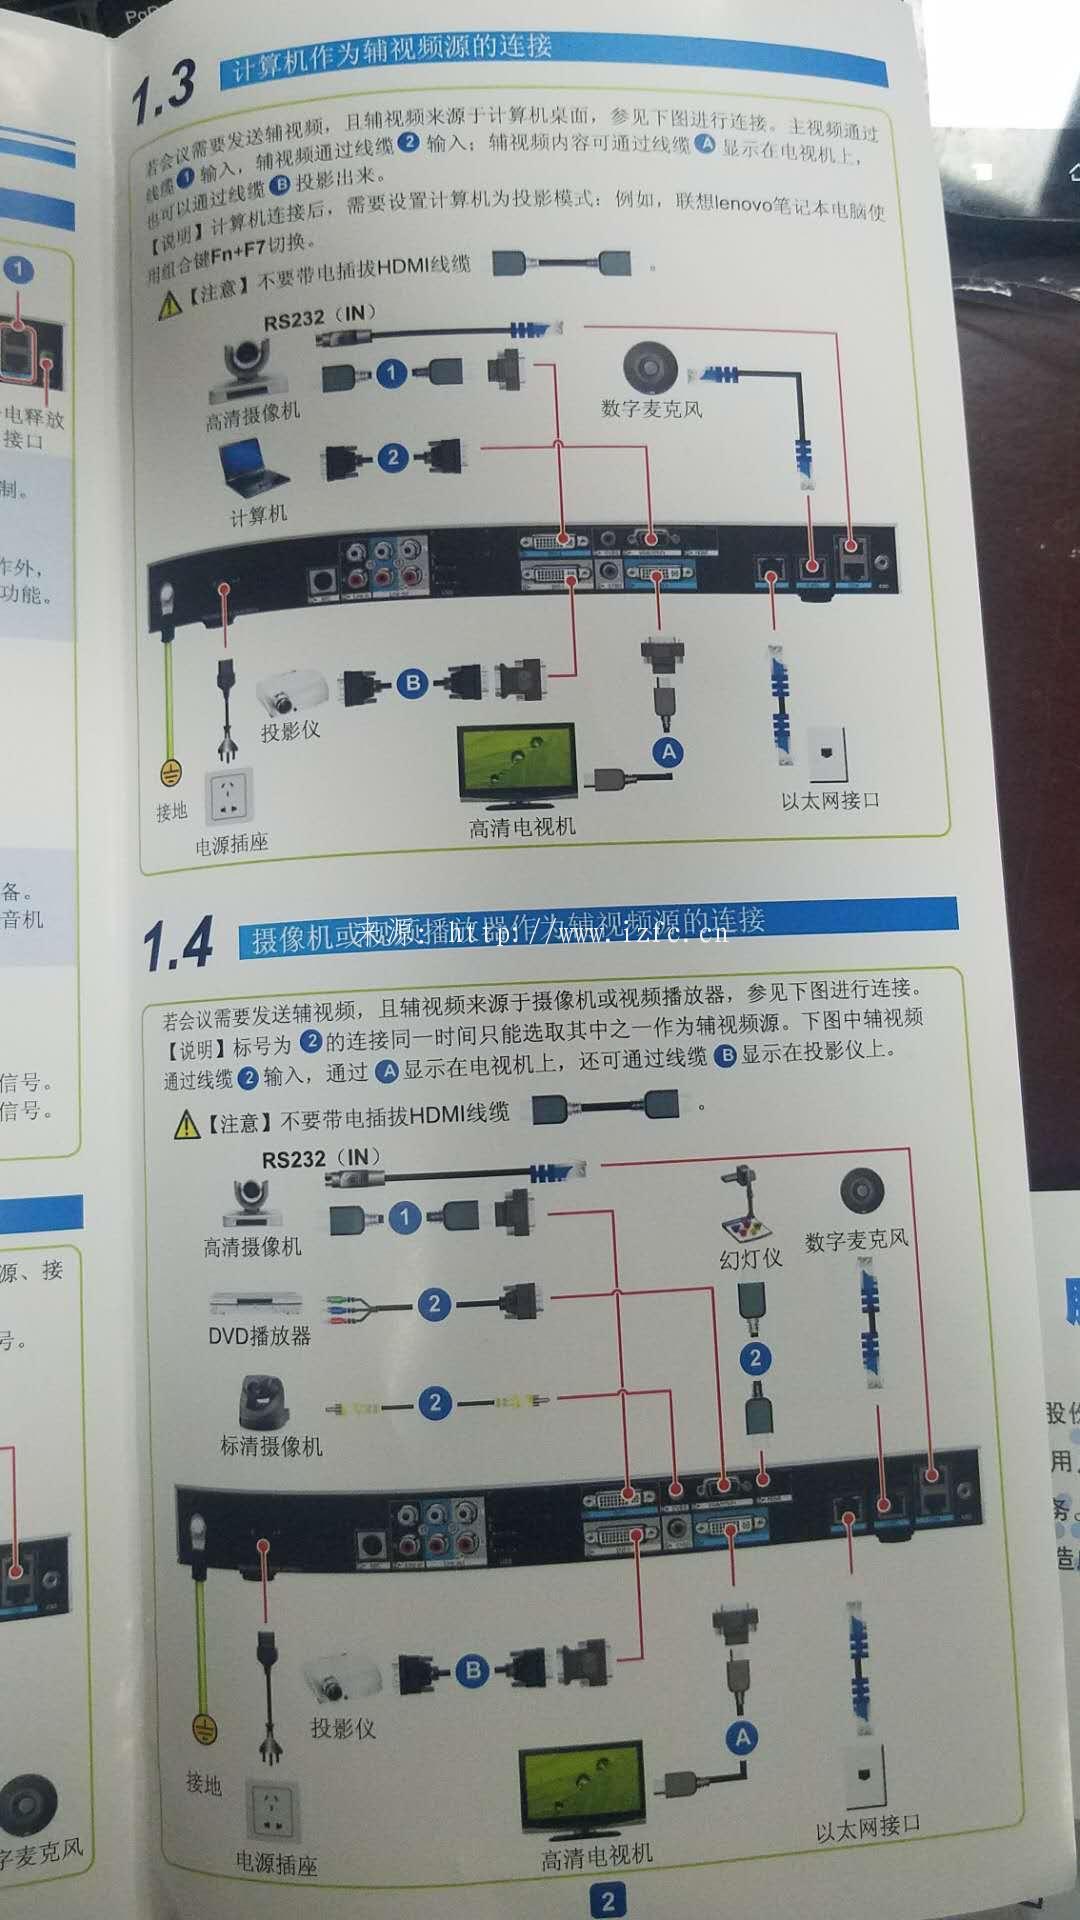 实战中兴ZXV10 T700S终端含T700S产品介绍、安装教程、竞品对比及故障解决 视频会议 第6张